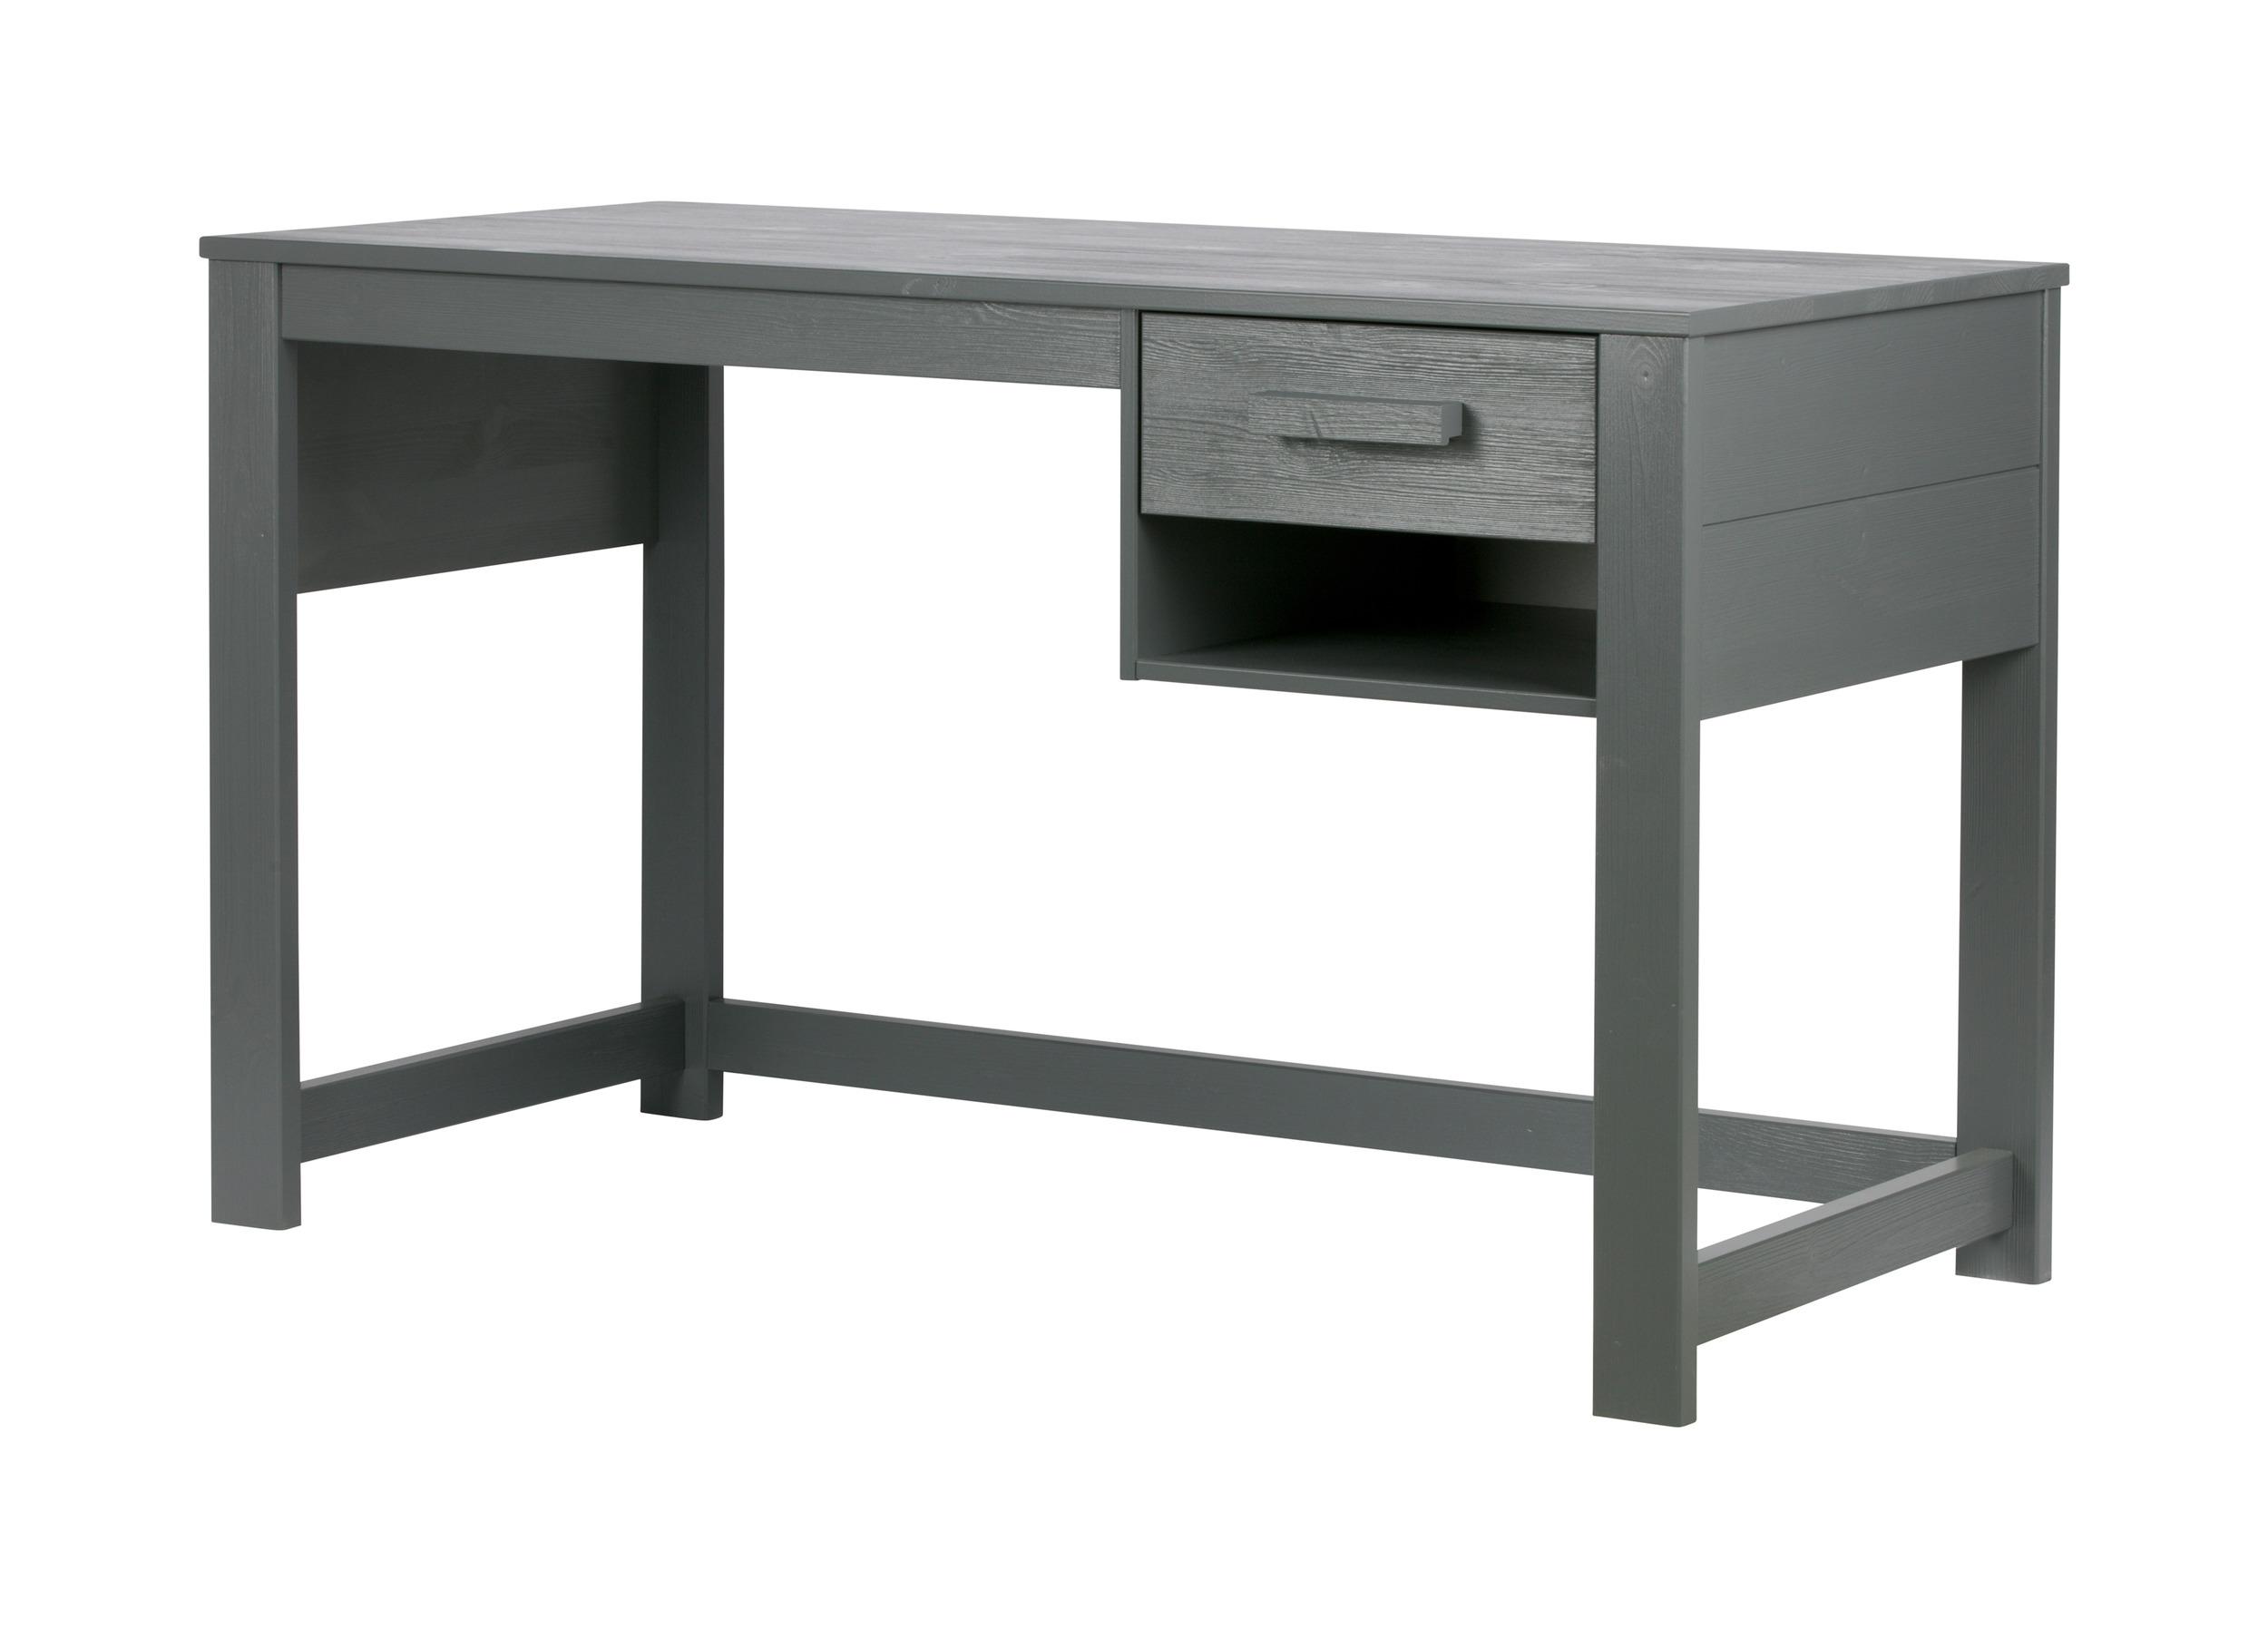 Tafels | Bureaus kopen van Woood